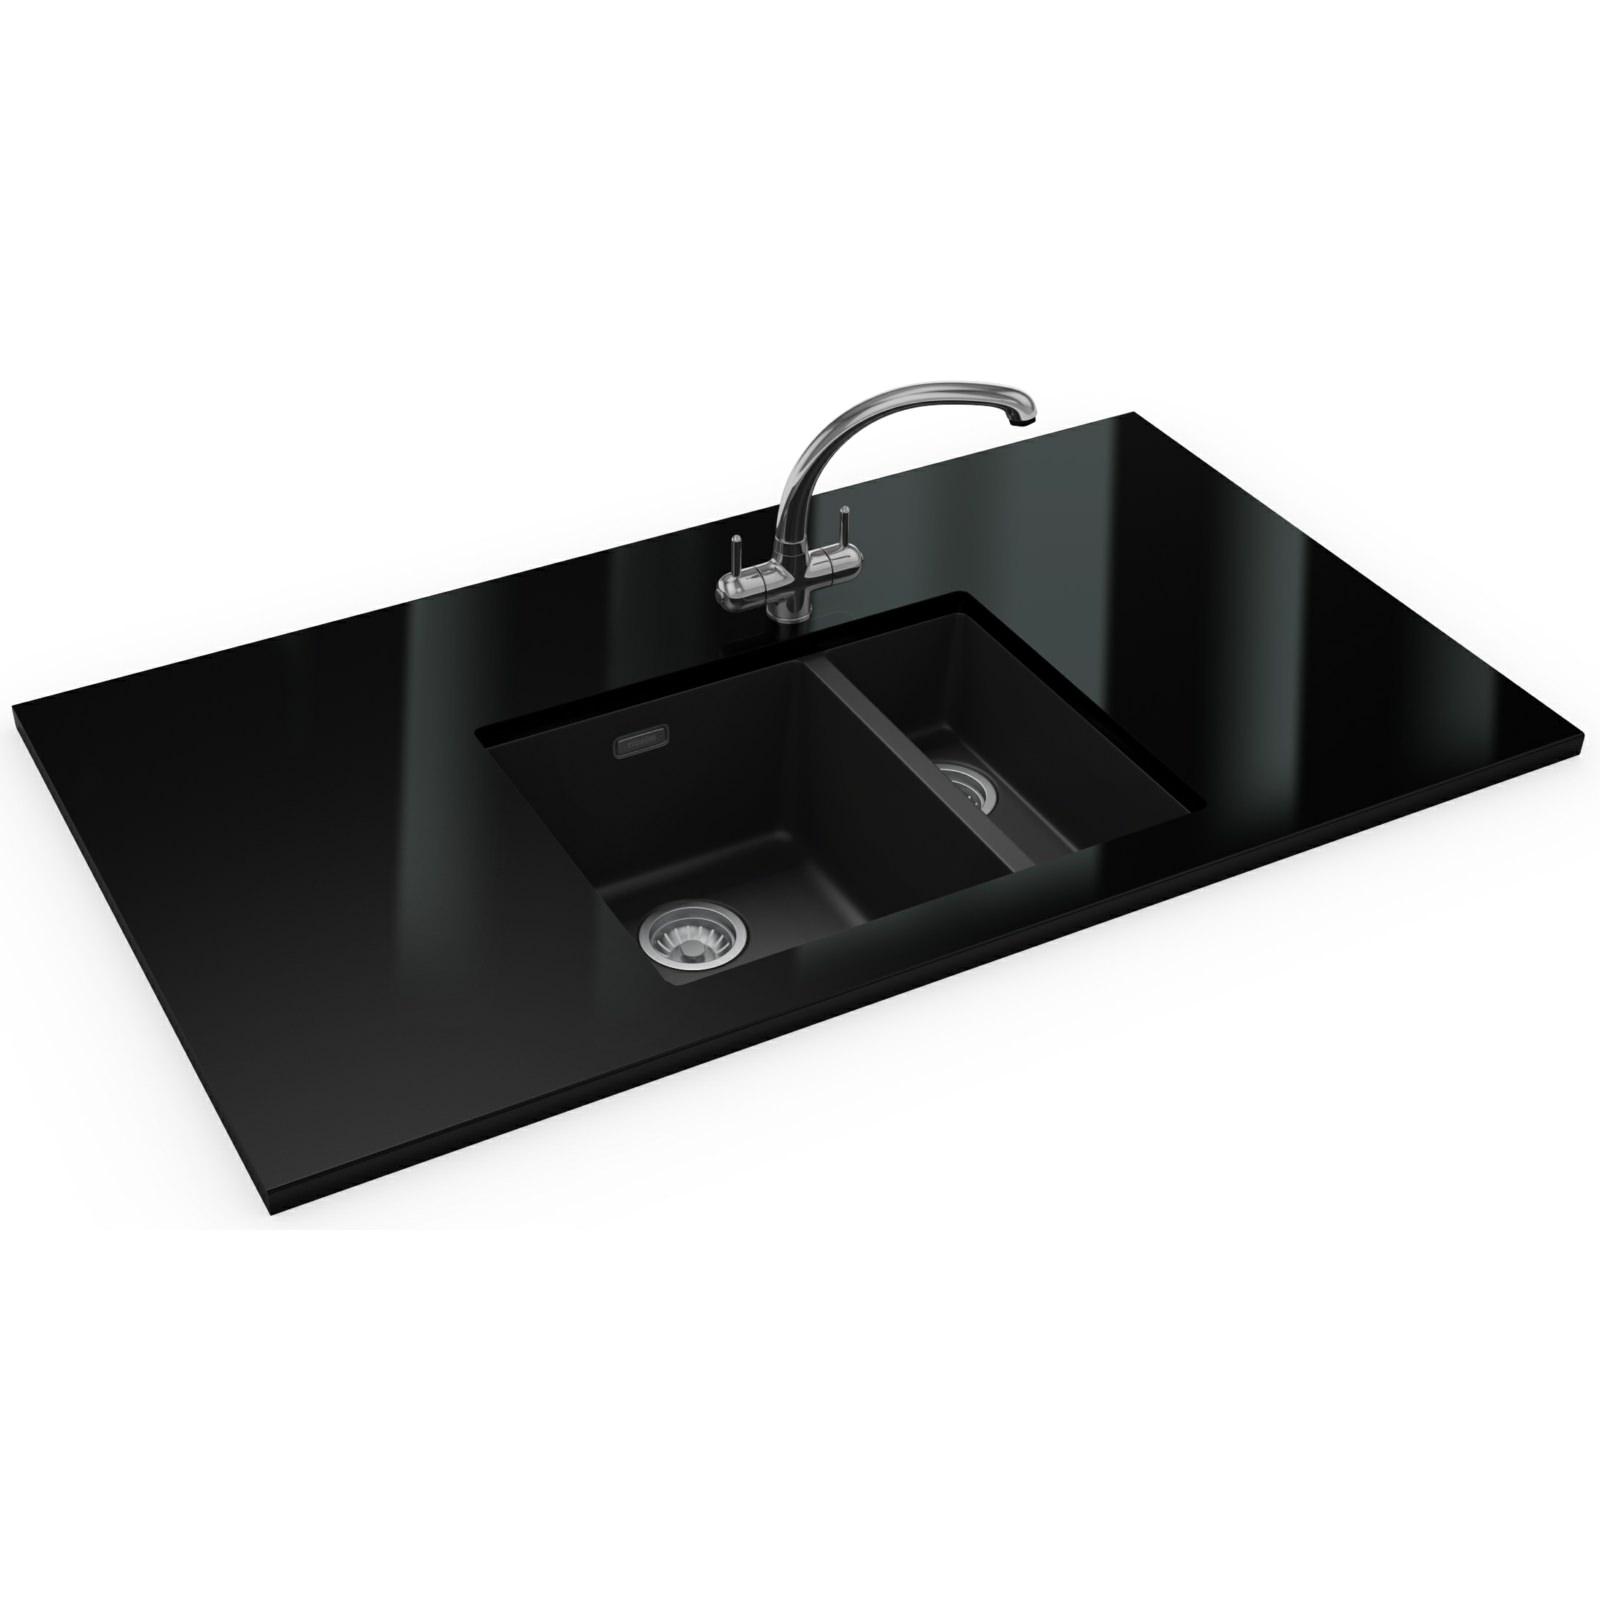 Franke Sirius Propack Sid 160 Tectonite Carbon Black Sink